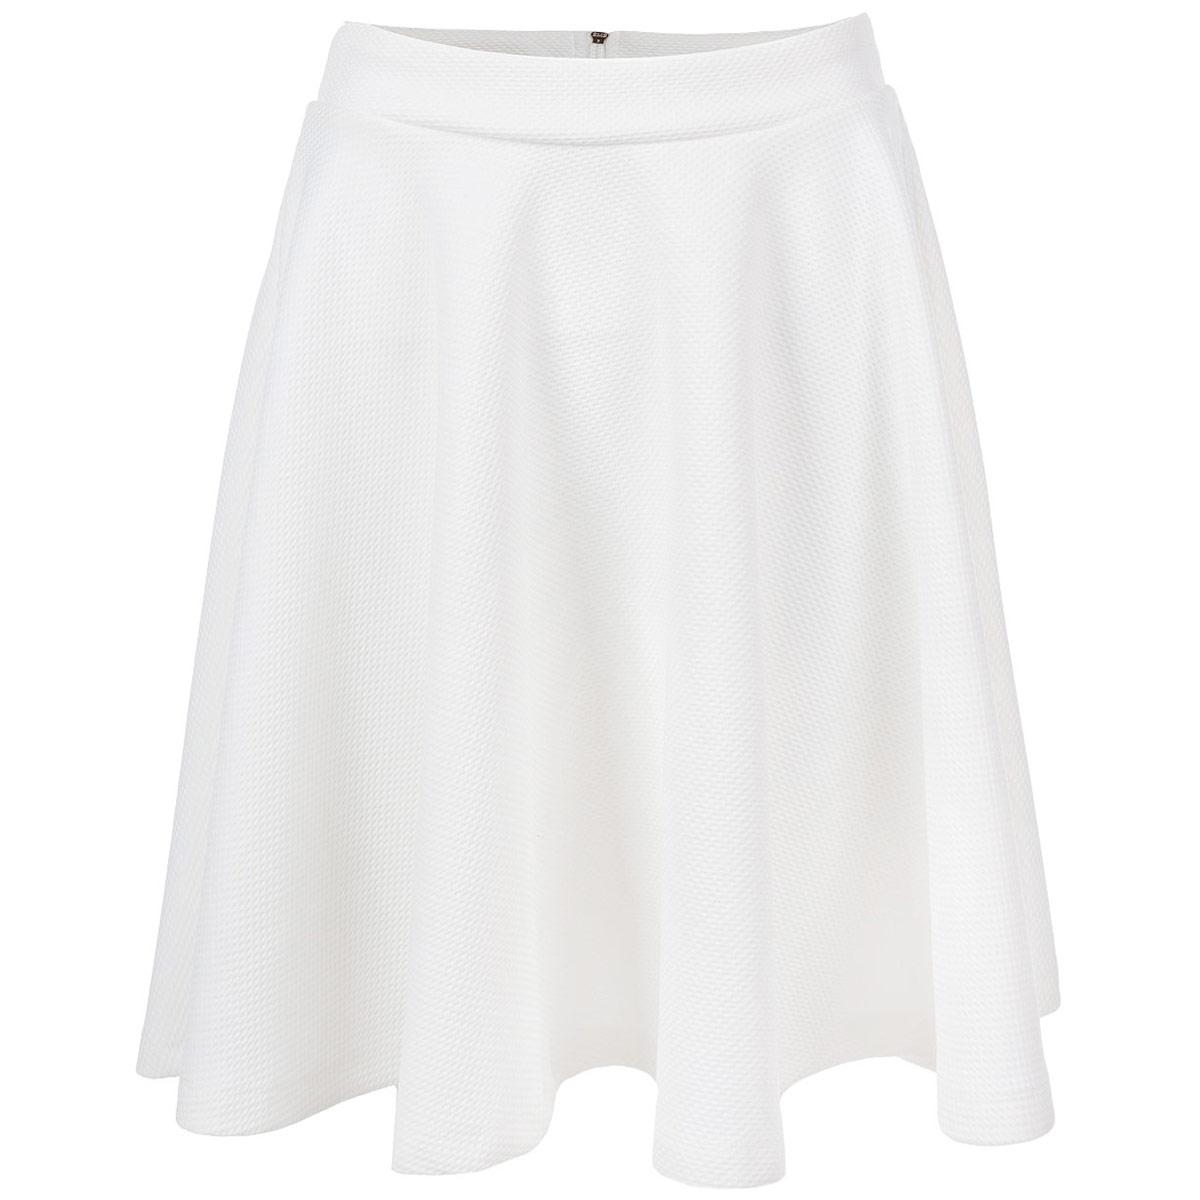 ЮбкаTSD0206BIЮбка Troll выполнена из высококачественного мягкого полиэстера с добавлением эластана. Очаровательная юбка застегивается на застежку-молнию сзади. Юбка-солнце, оформленная оригинальными мелкими рельефными ромбами, подчеркнет ваш силуэт и прекрасно подойдет к любому наряду. Стильная юбка выгодно освежит и разнообразит любой гардероб. Создайте женственный образ и подчеркните свою яркую индивидуальность!